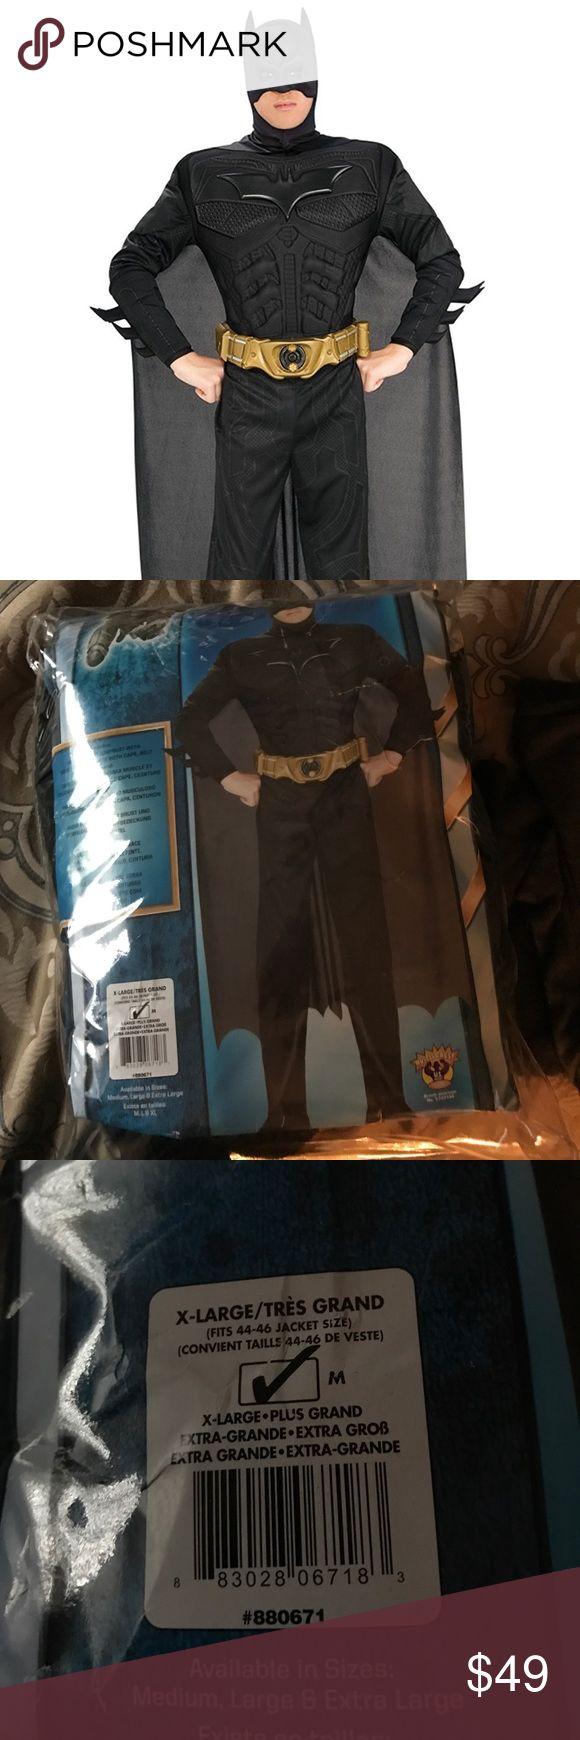 New x large batman costume adult new x large batman costume